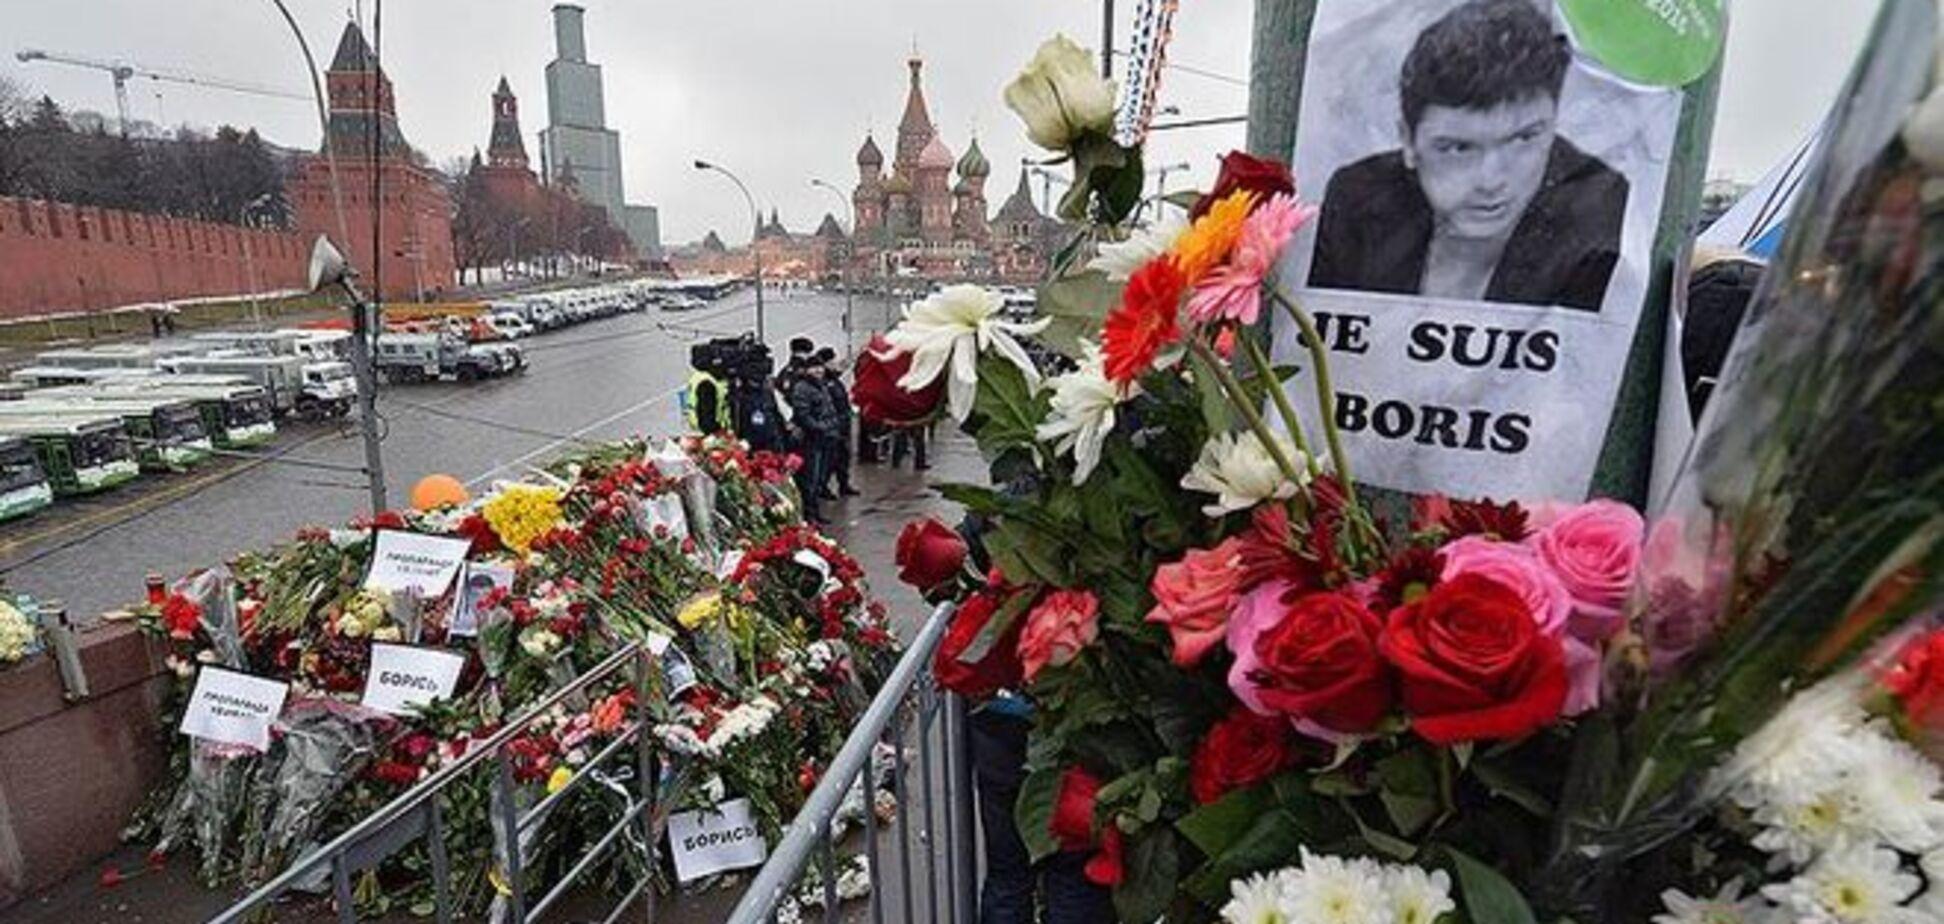 Задержанные за убийство Немцова кавказцы уже признались - СМИ